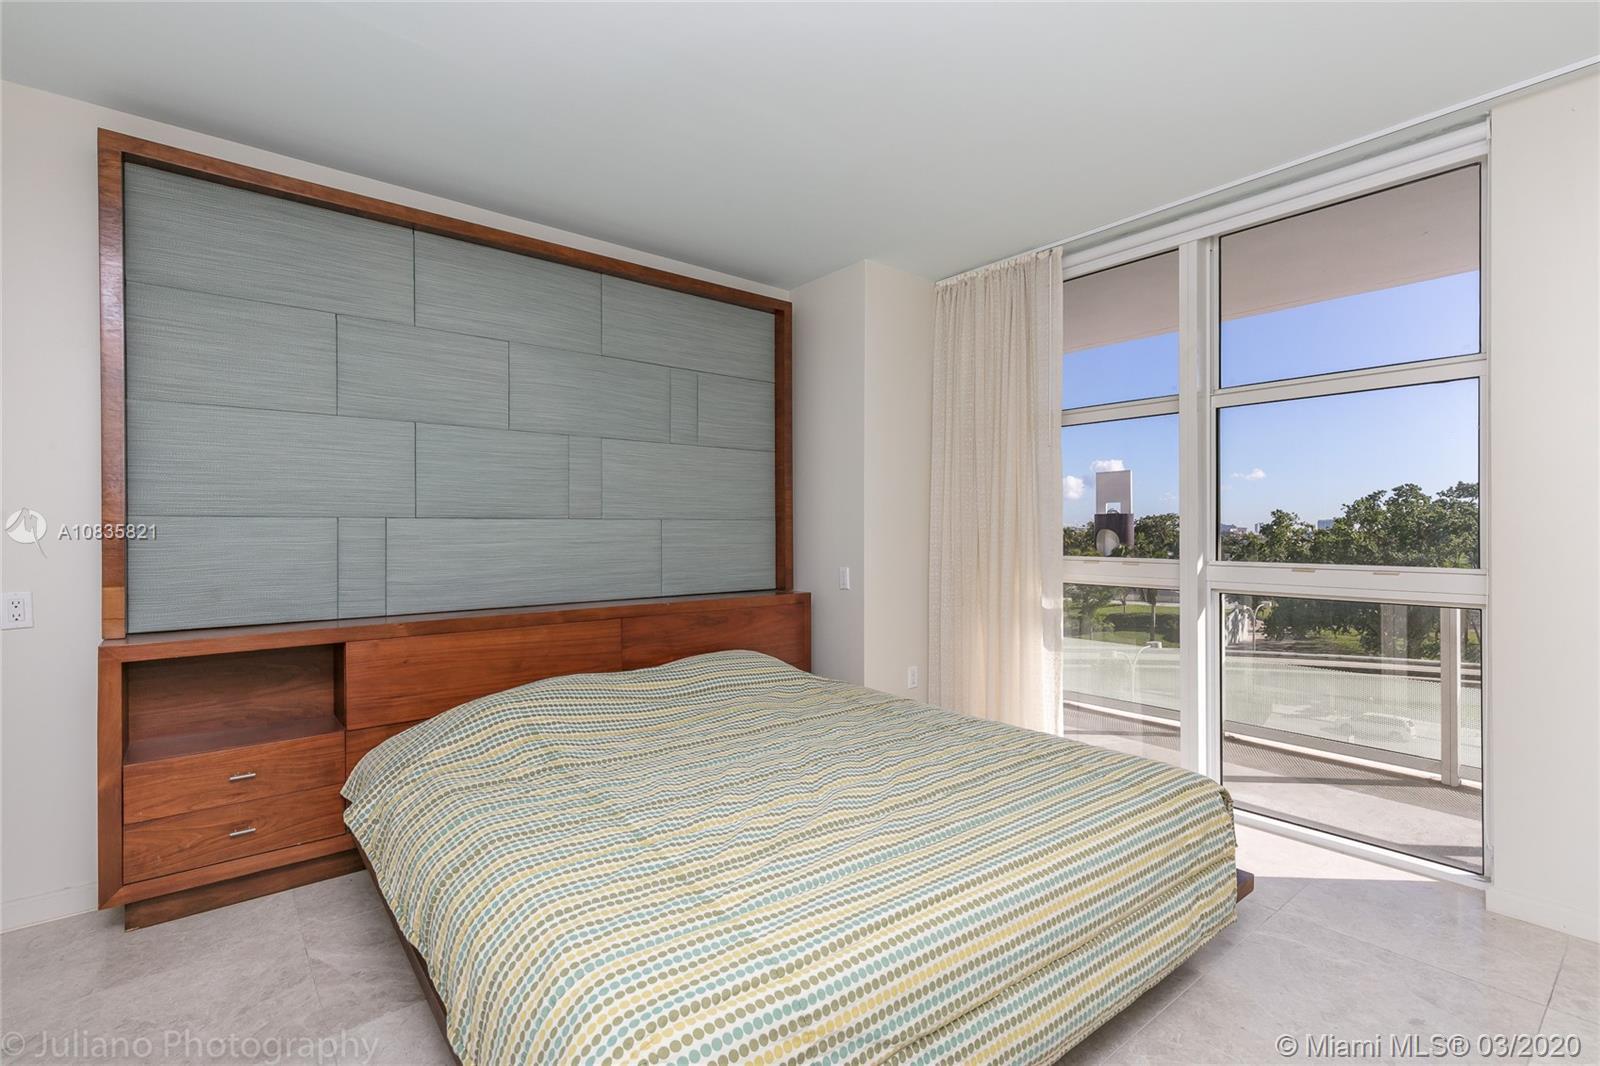 Property 50 Biscayne Blvd #504 image 11